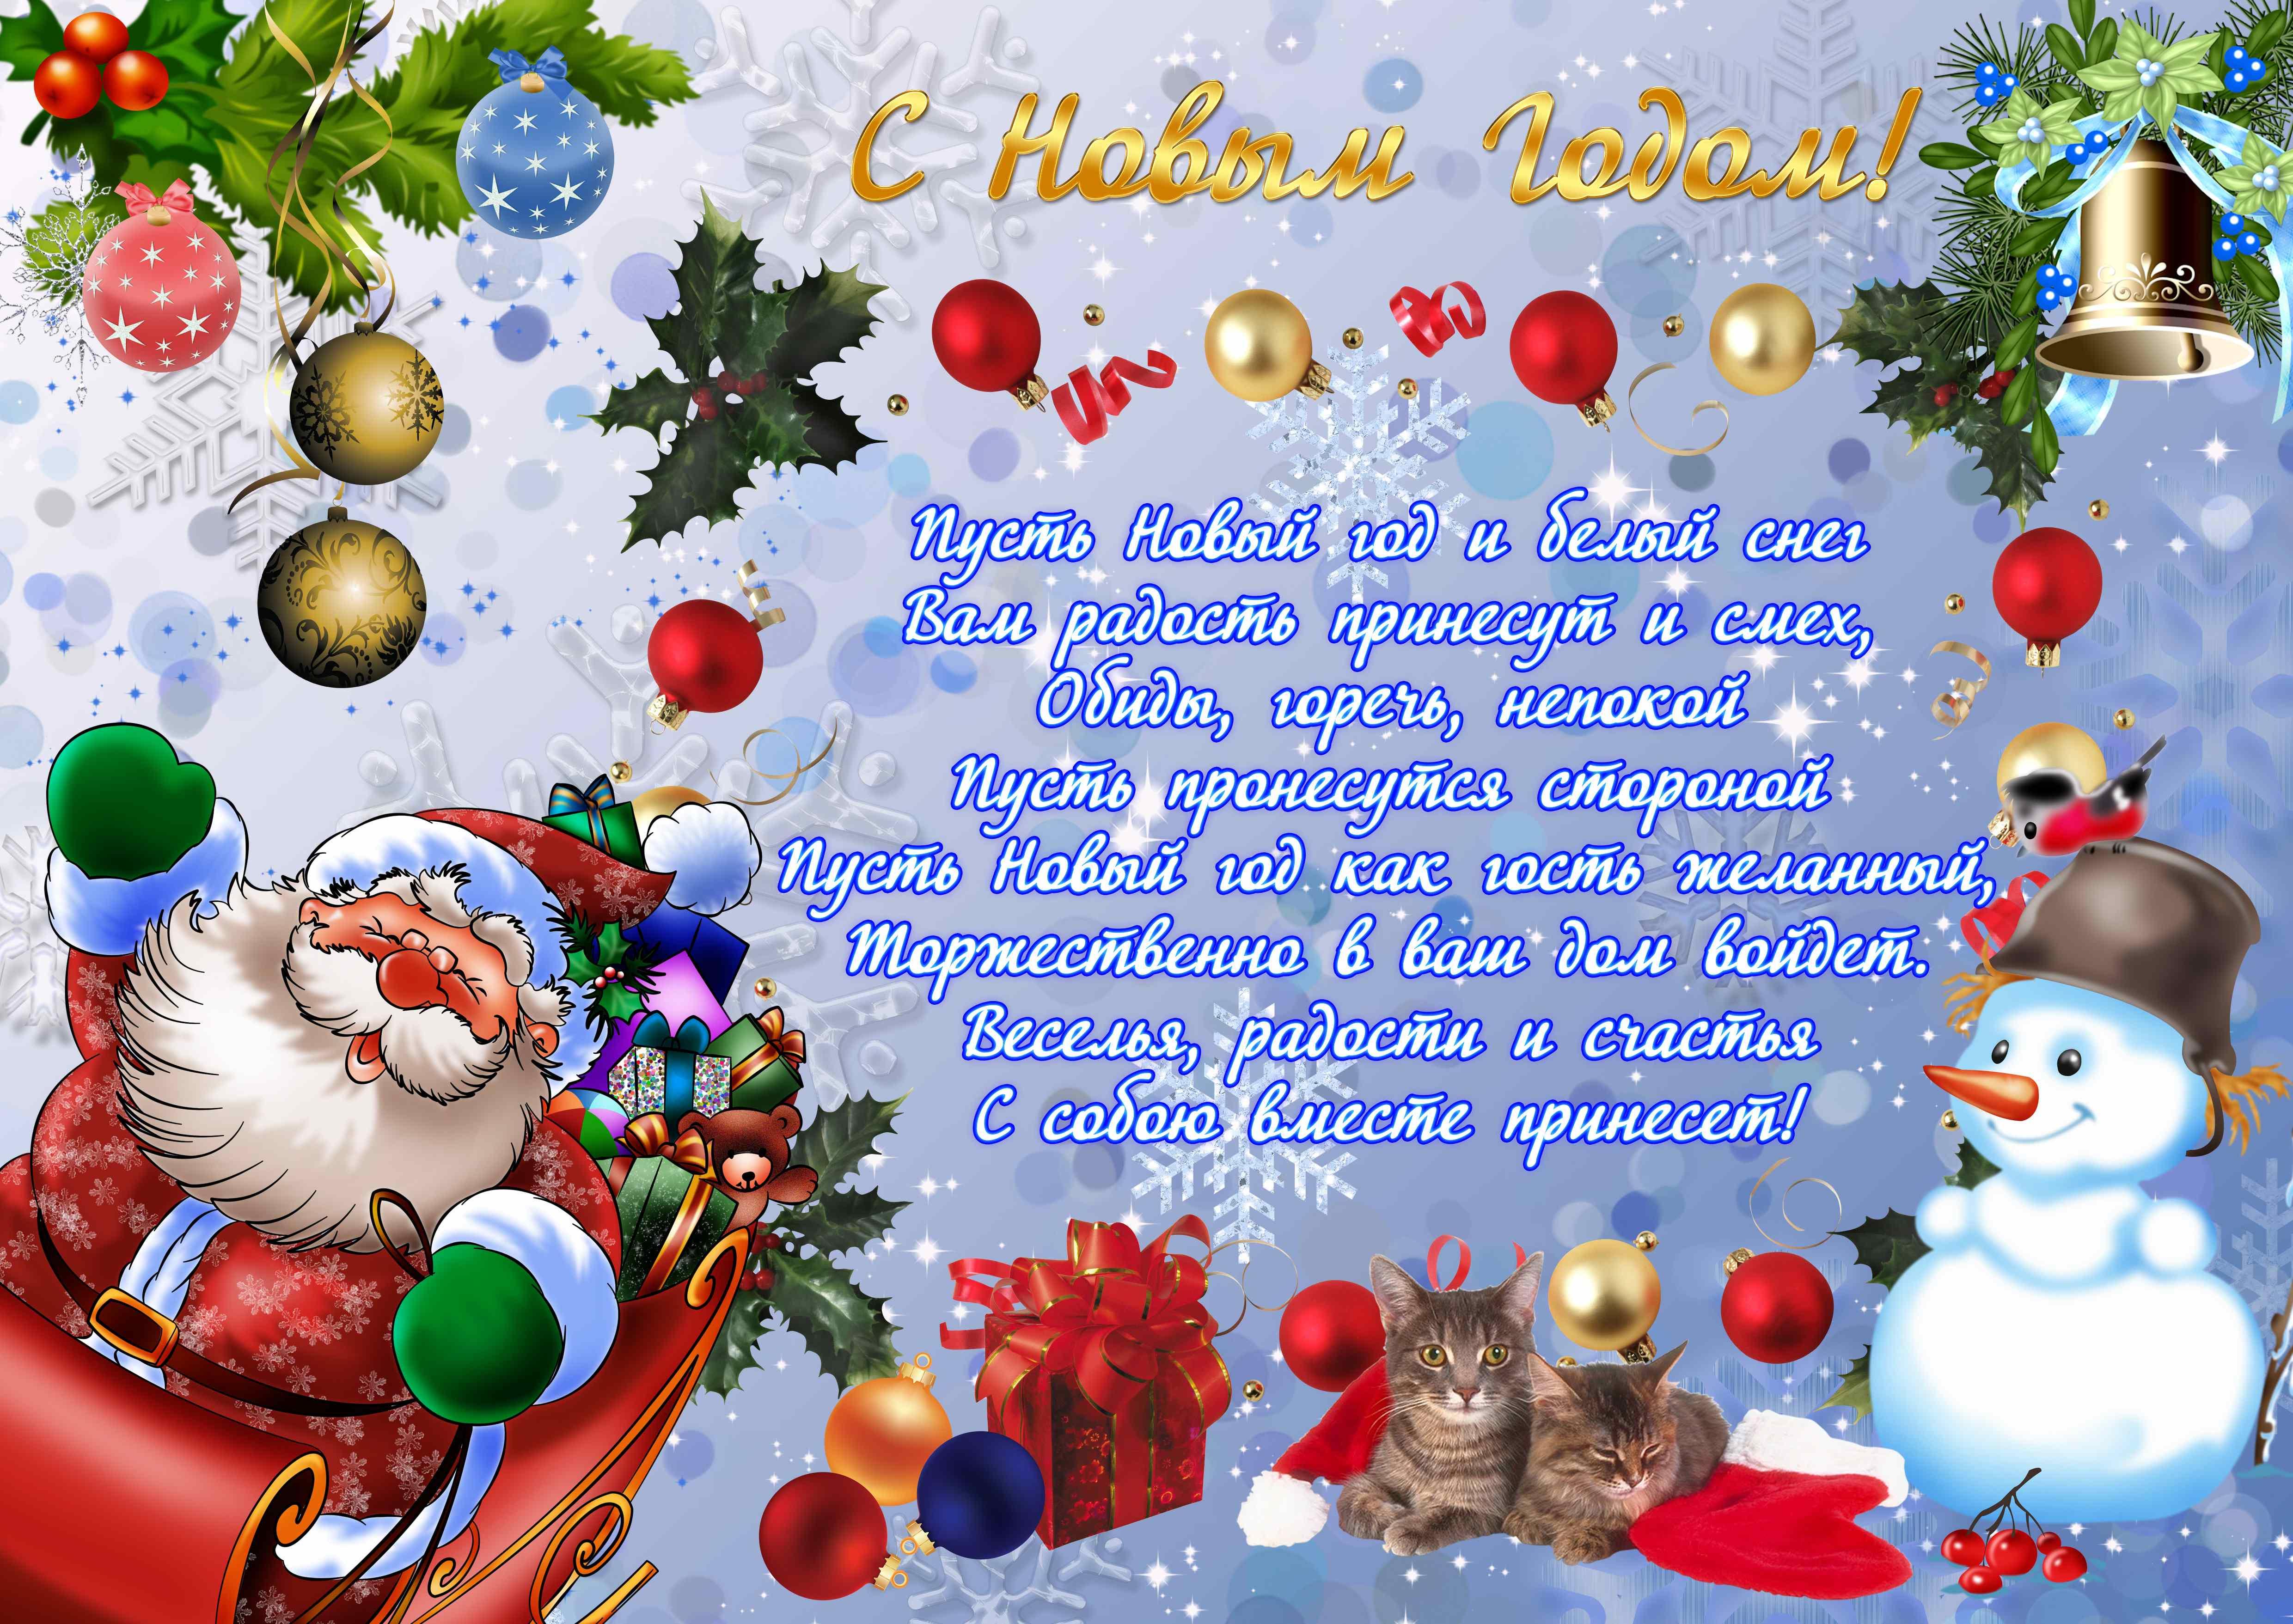 Поздравления на новый год для детей в школе